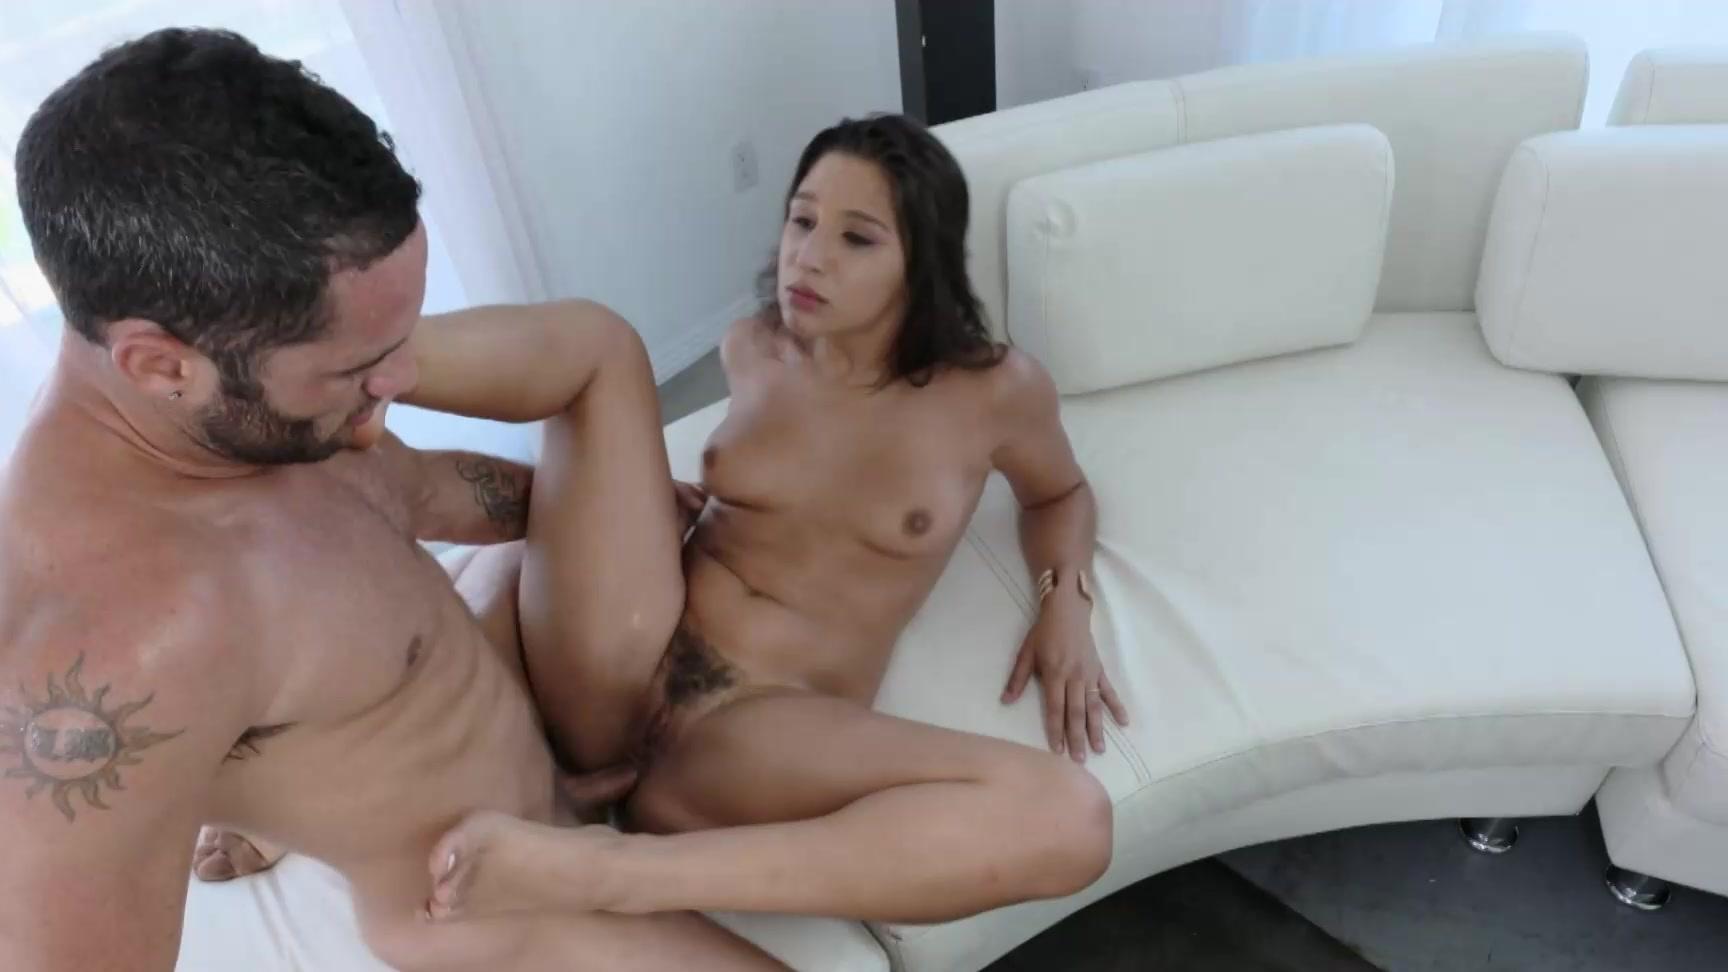 sort nøgen porno kvinde